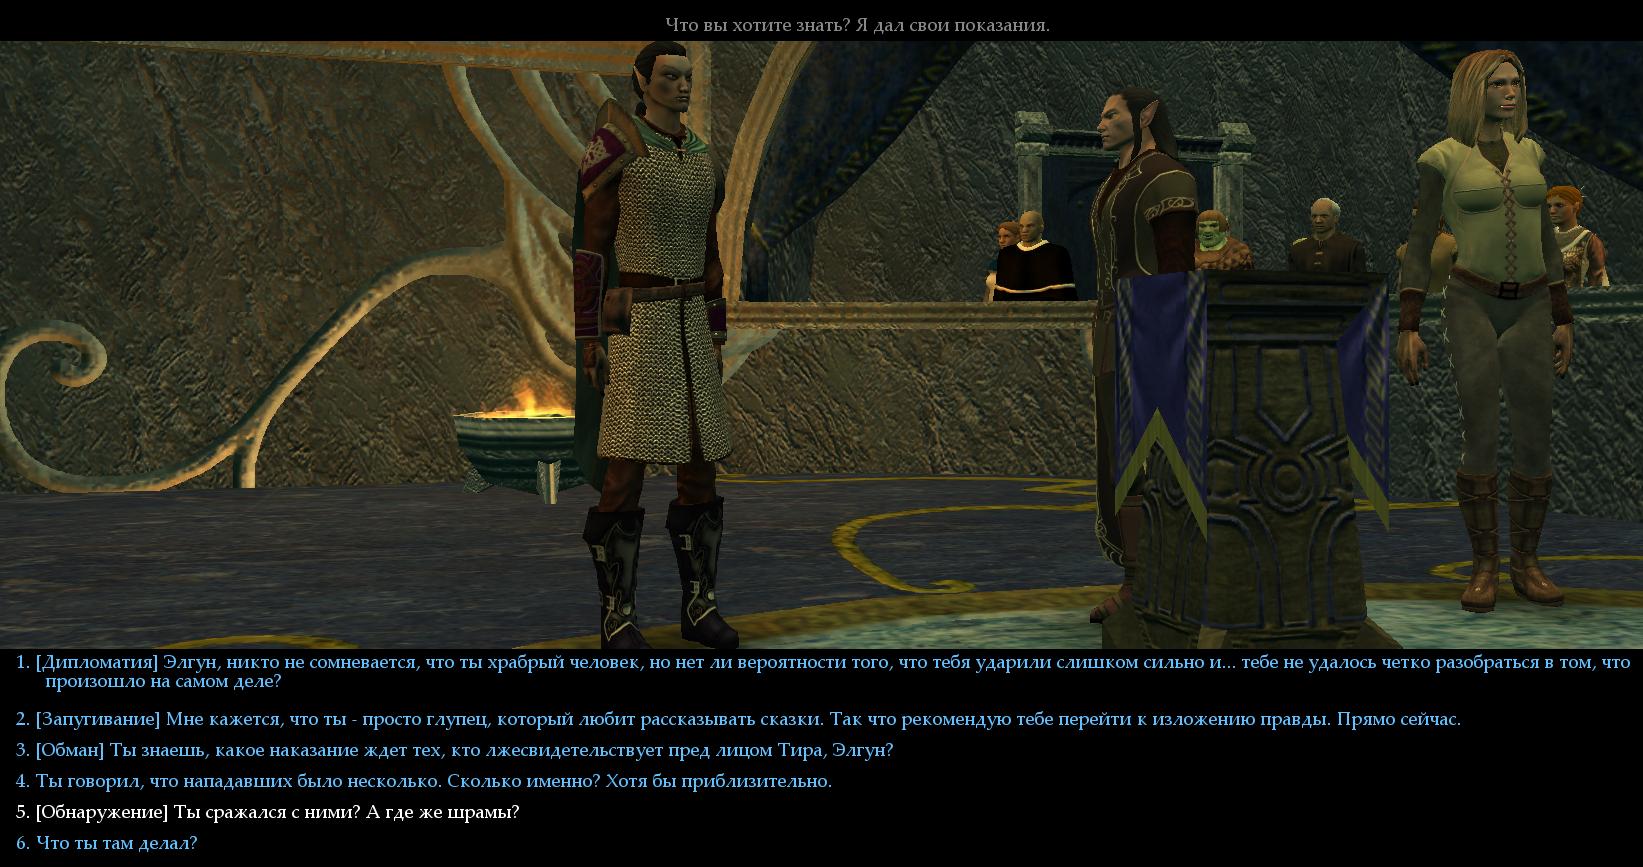 Как бы обзор Neverwinter Nights 2 (оригинальной кампании) - Основная часть - Изображение 11